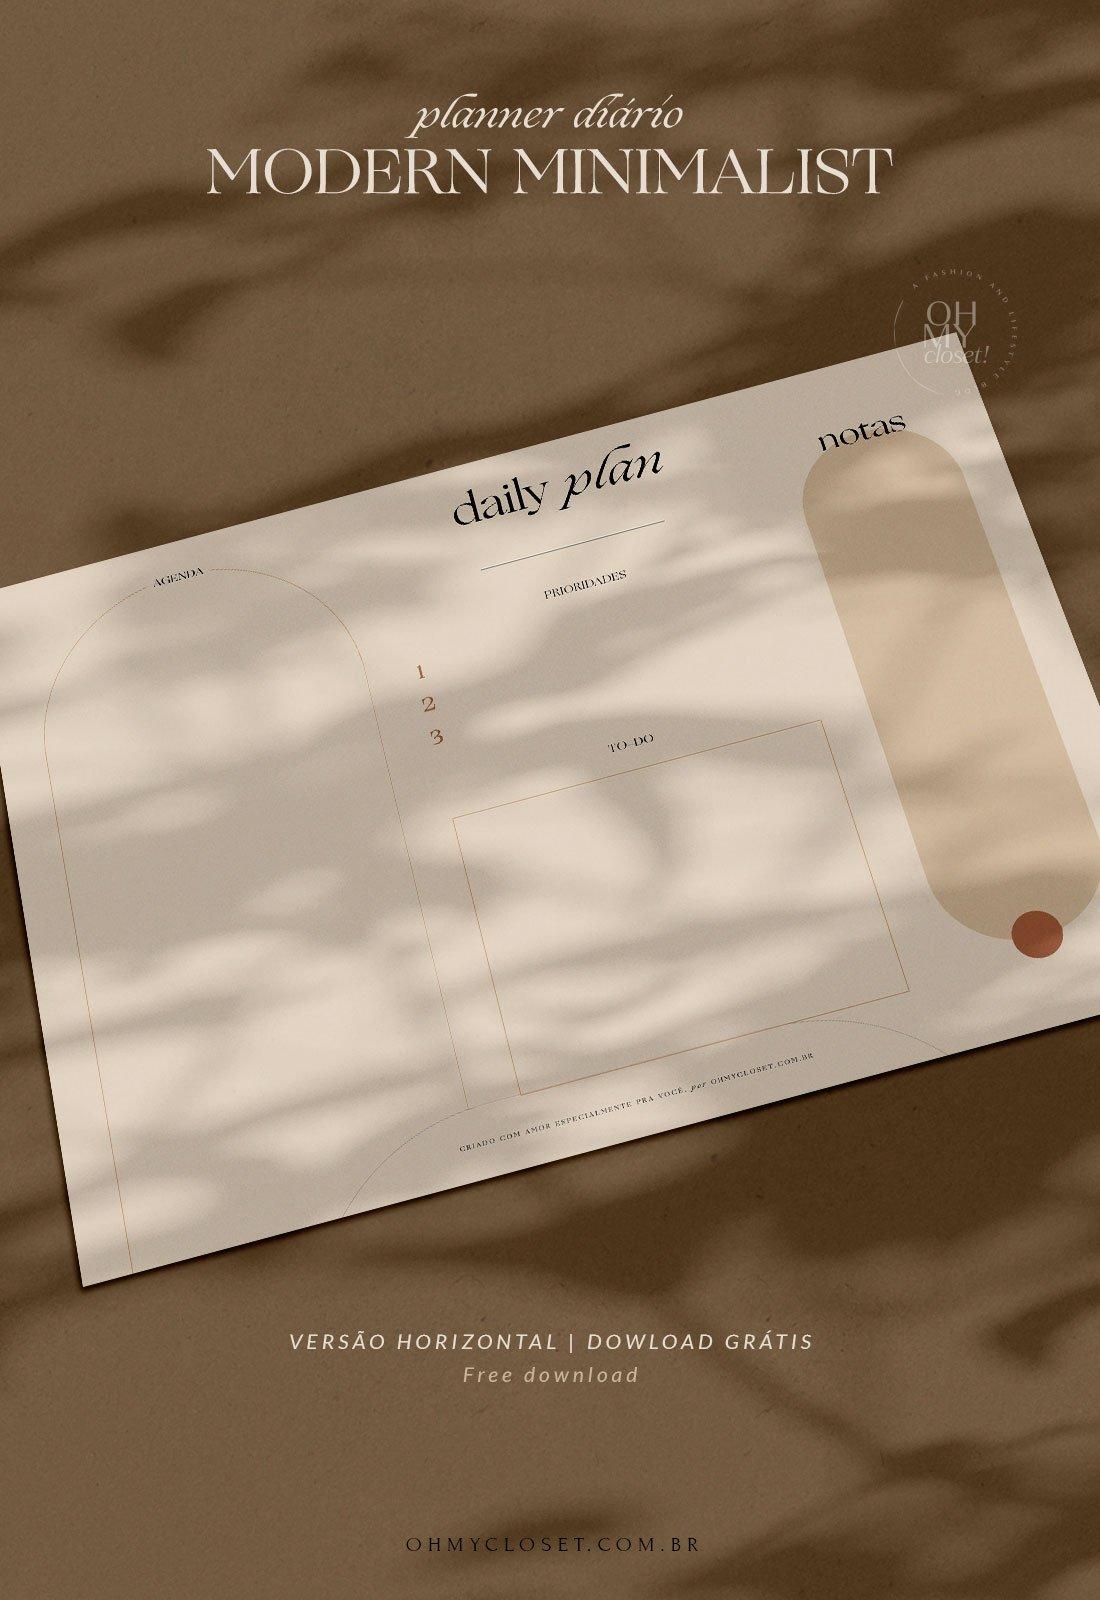 Daily Plan, planner diário moderno e minimalista para download grátis.